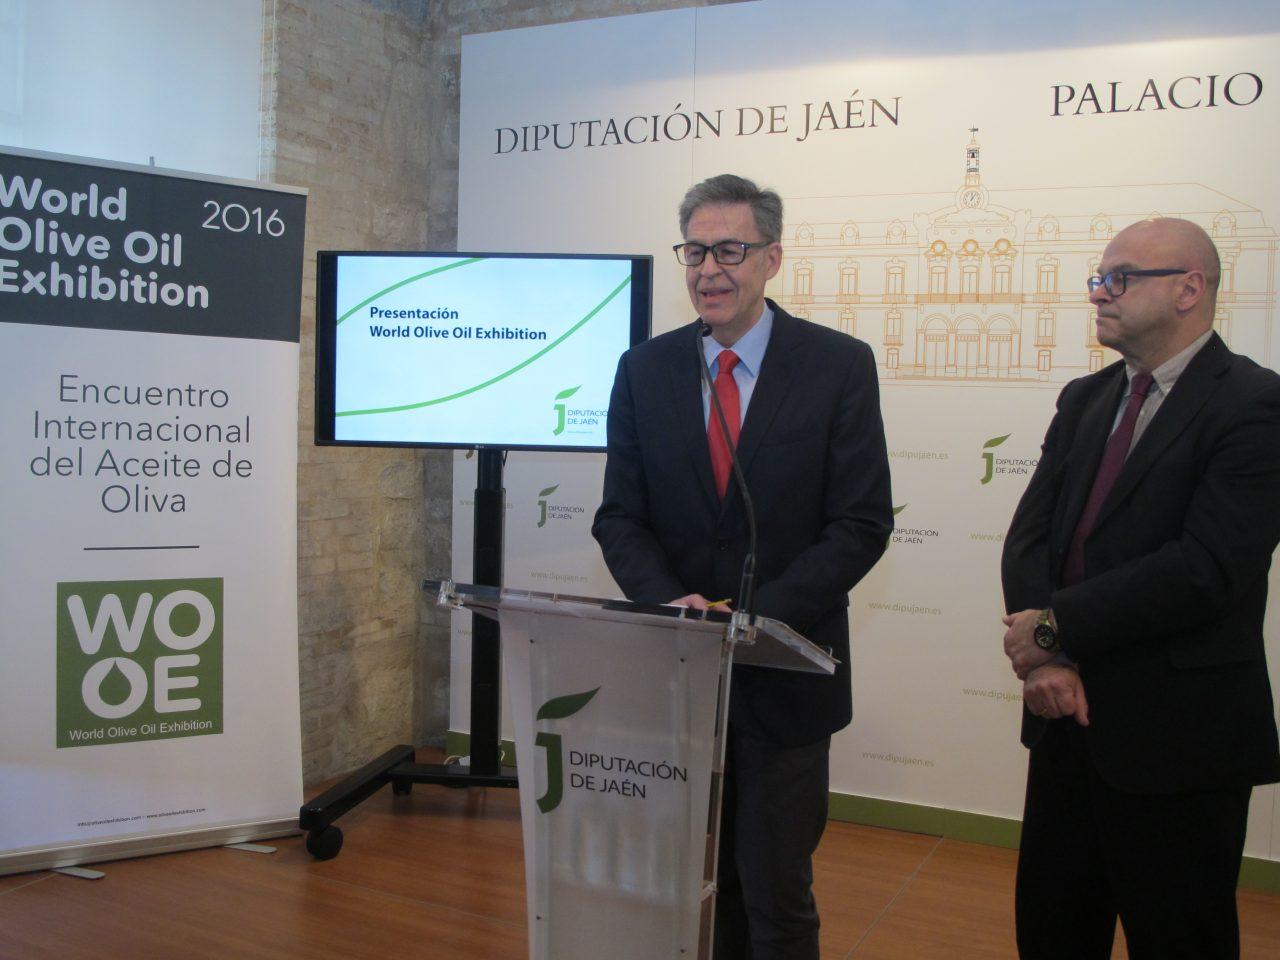 Presentan en Jaén la quinta de edición de la World Olive Oil Exhibition, que contará con más de cien expositores